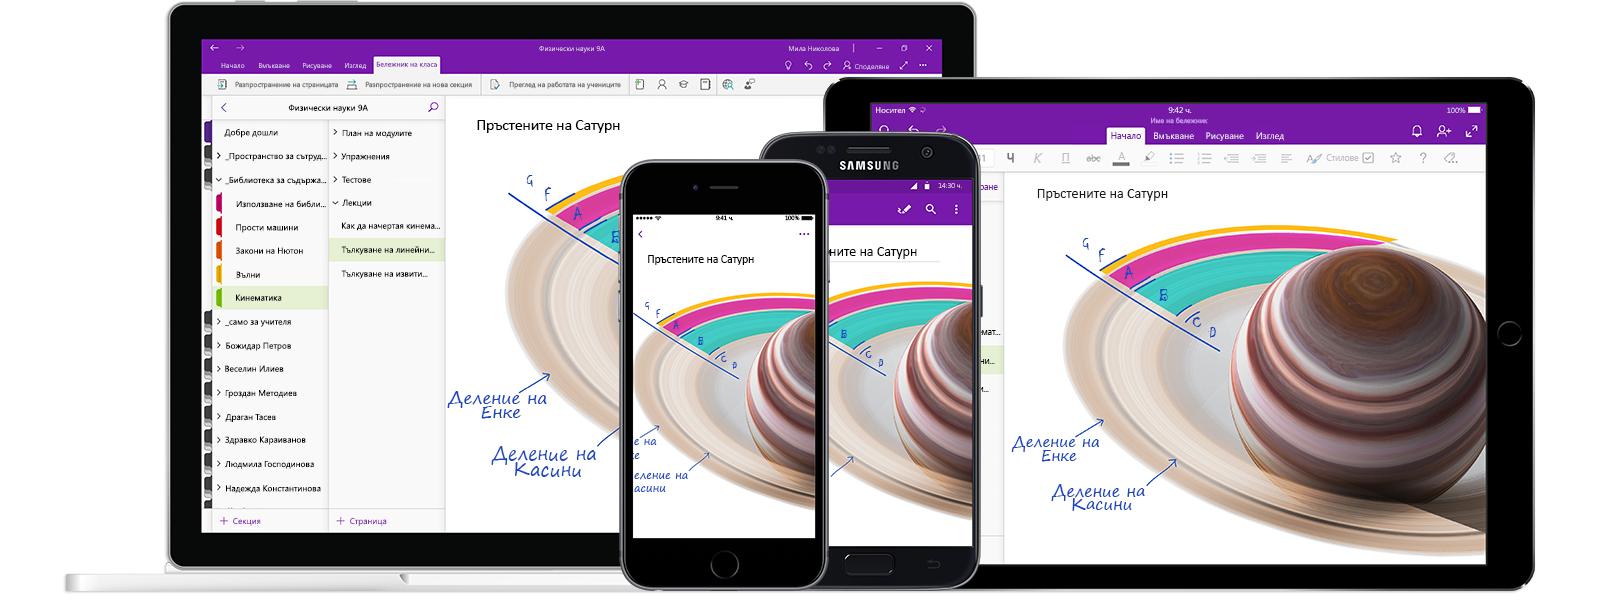 """Бележник на OneNote, наречен """"Физически науки 9А"""" на два смартфона и два таблета, показващ урок за линейни диаграми"""